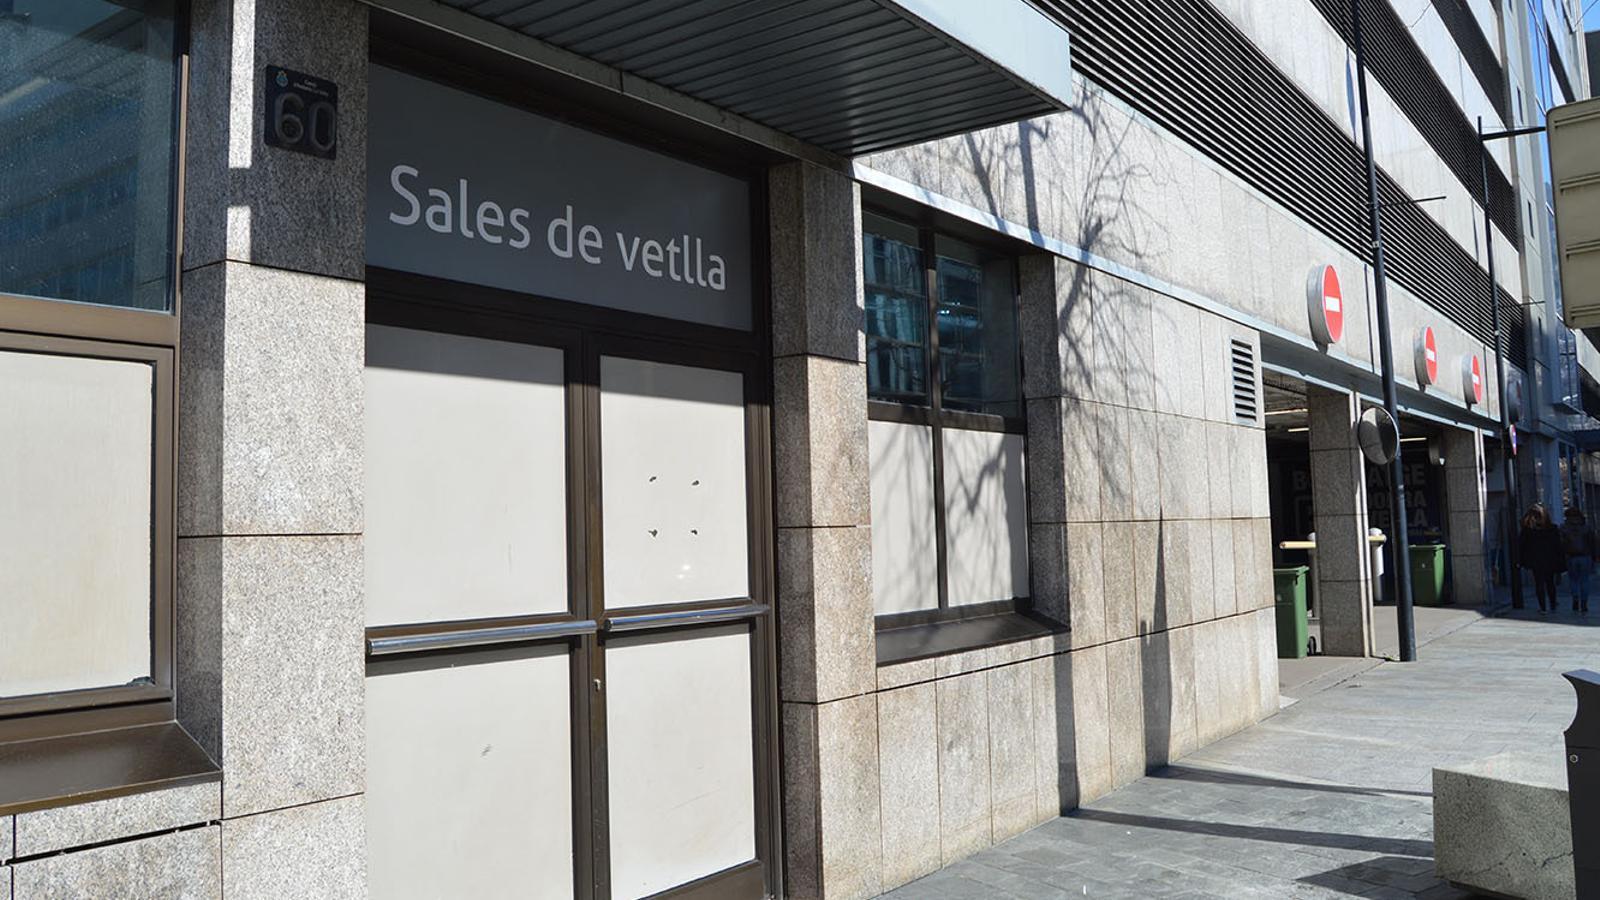 La sala de vetlles d'Andorra la Vella. / M. F. (ANA)